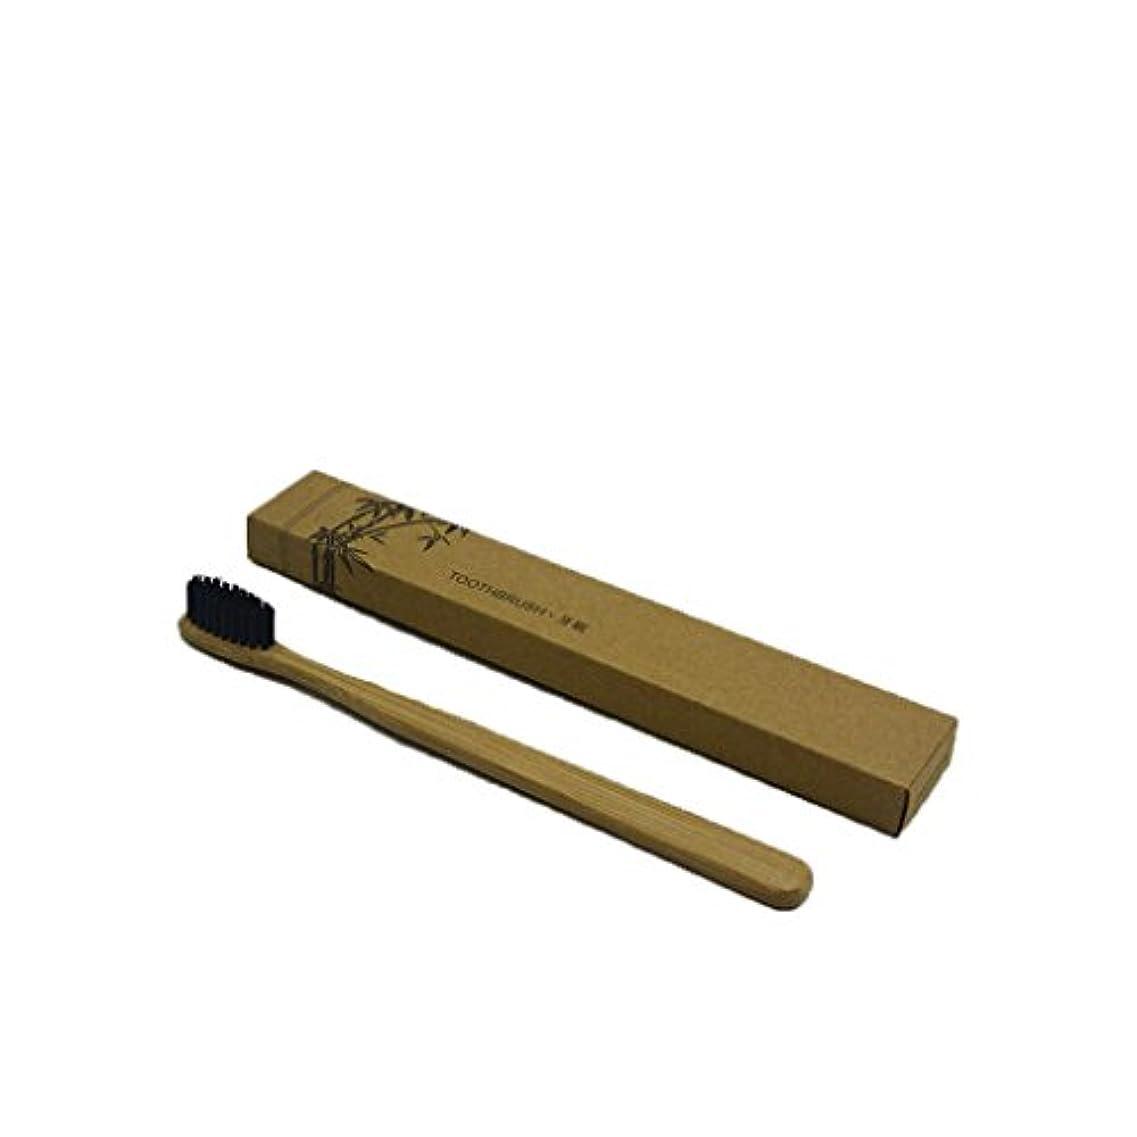 ホームレス計算驚Arichops 竹製歯ブラシ ミディアム及びソフト、生分解性、ビーガン、バイオ、エコ、持続可能な木製ハンドル、ホワイトニング 歯 竹歯ブラシ